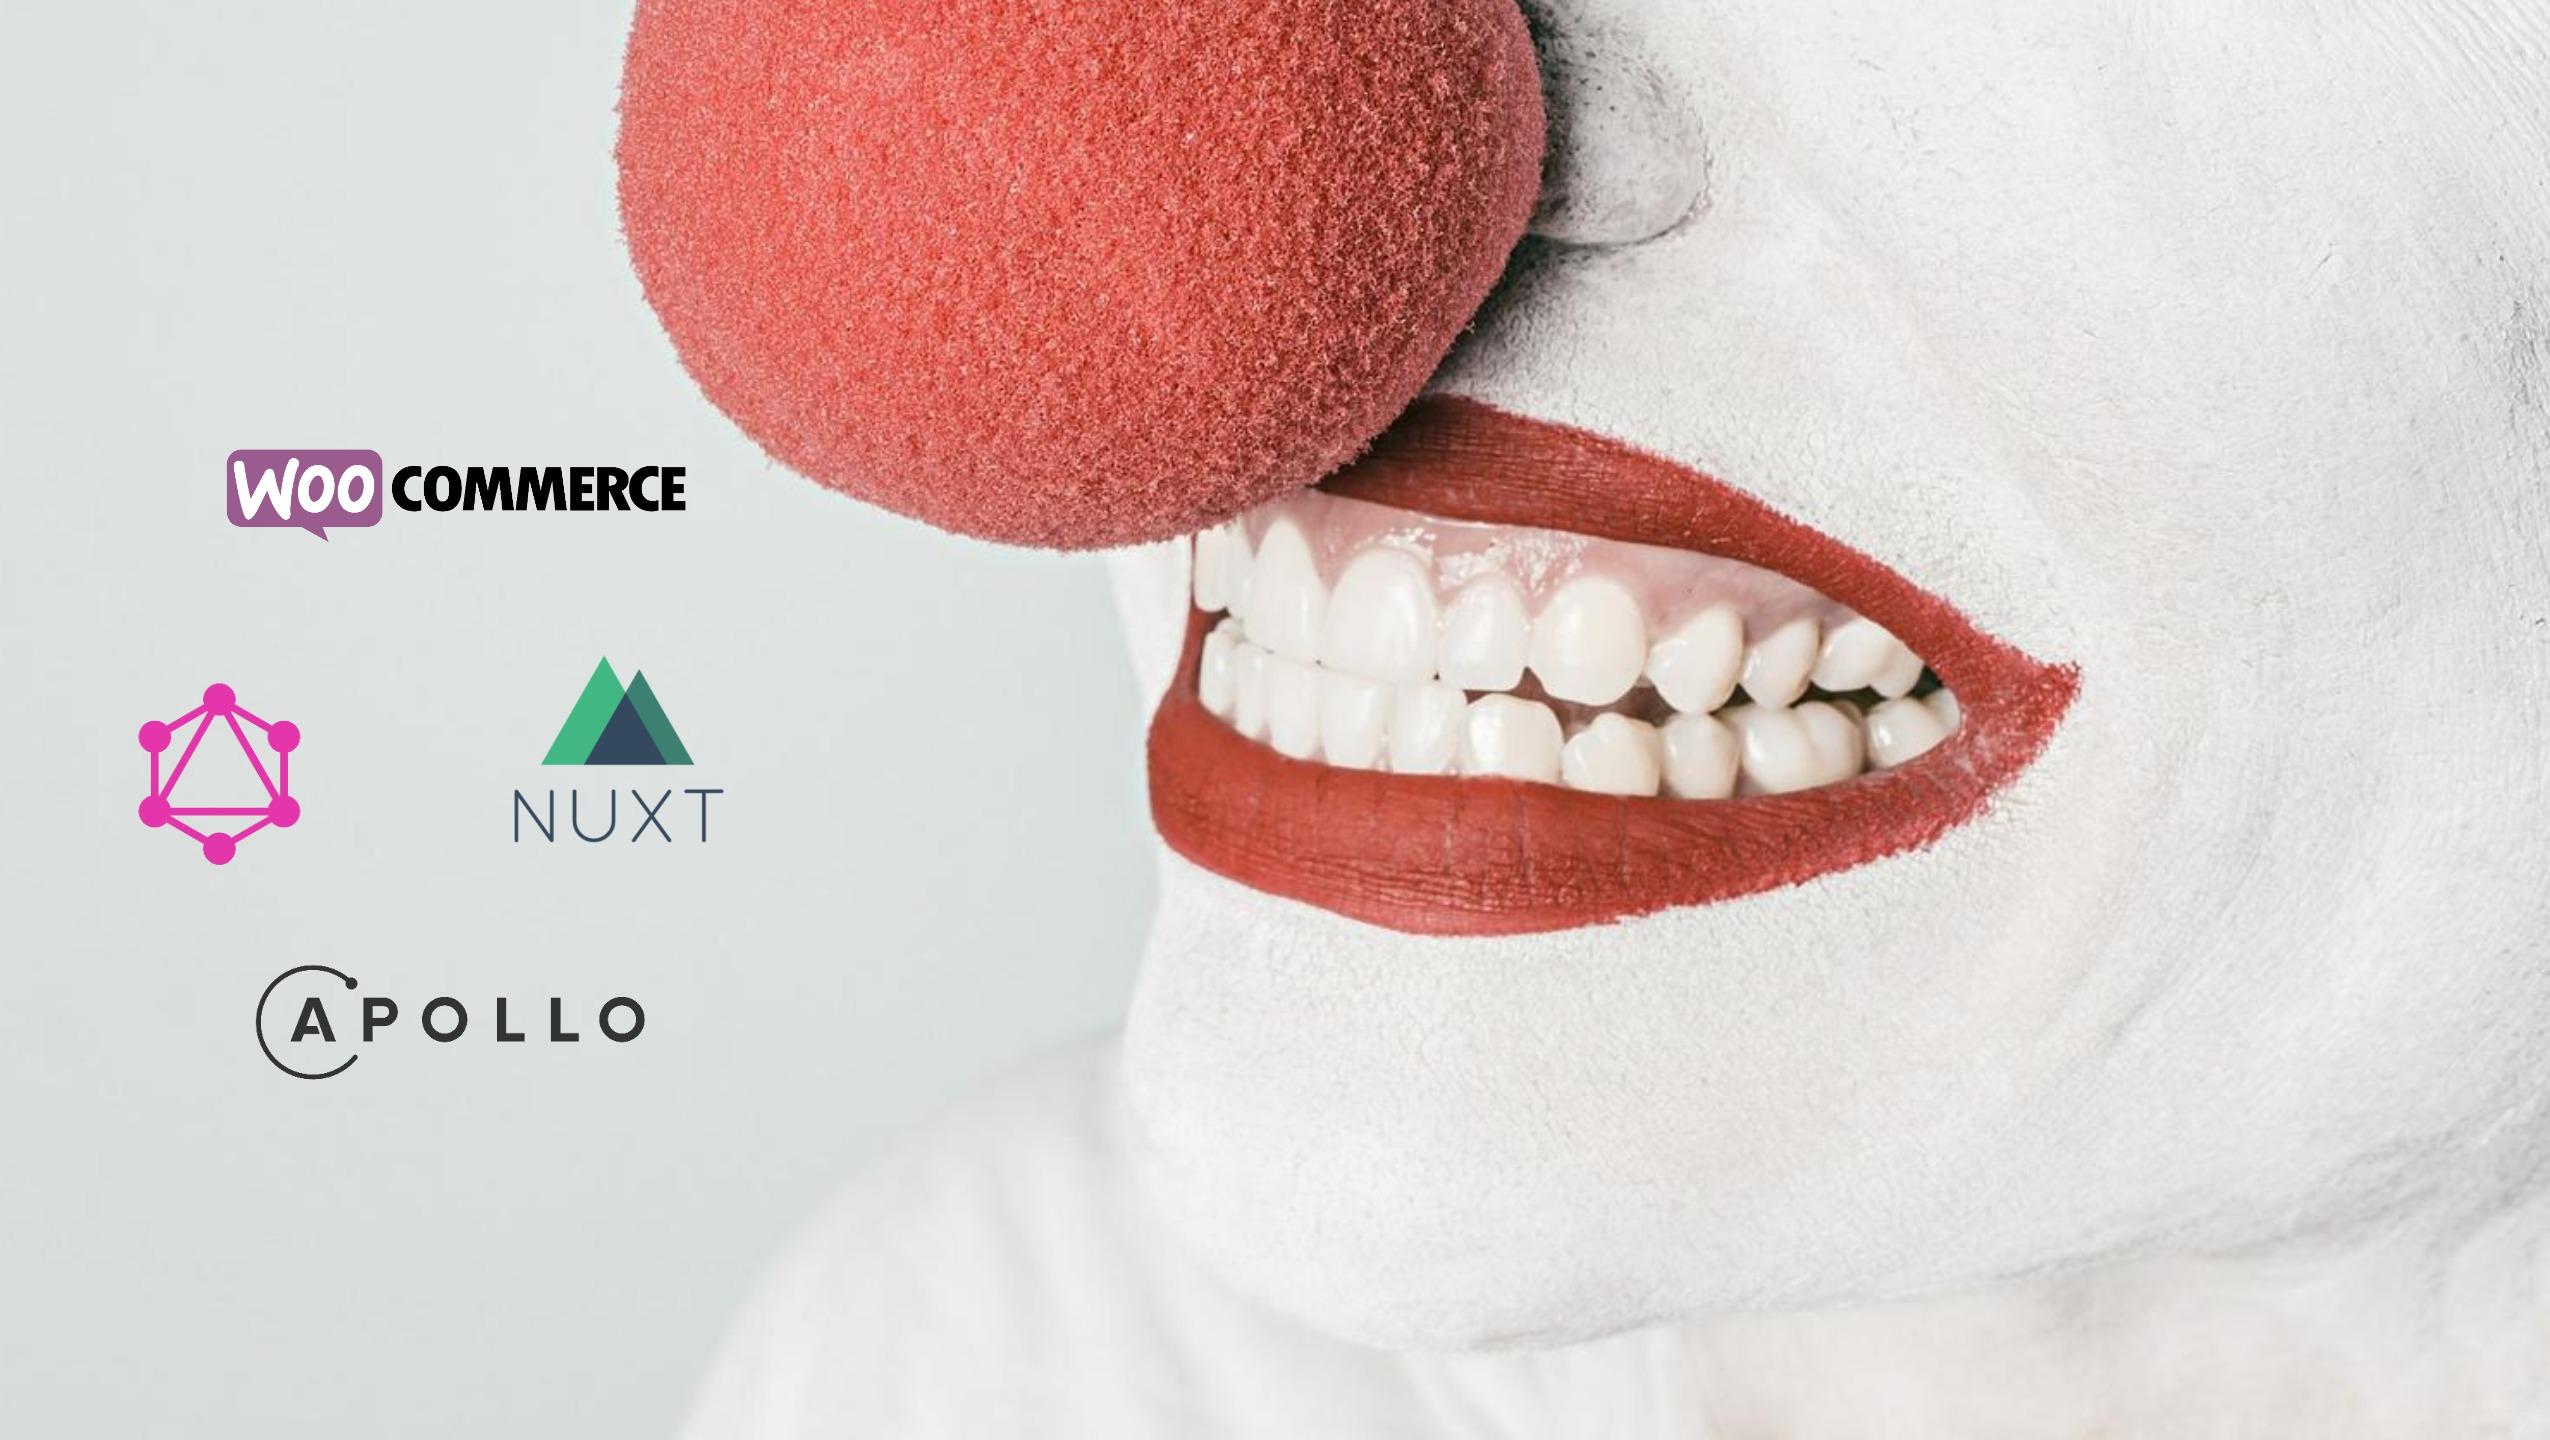 WooCommerce + Apollo + Nuxt + Joker